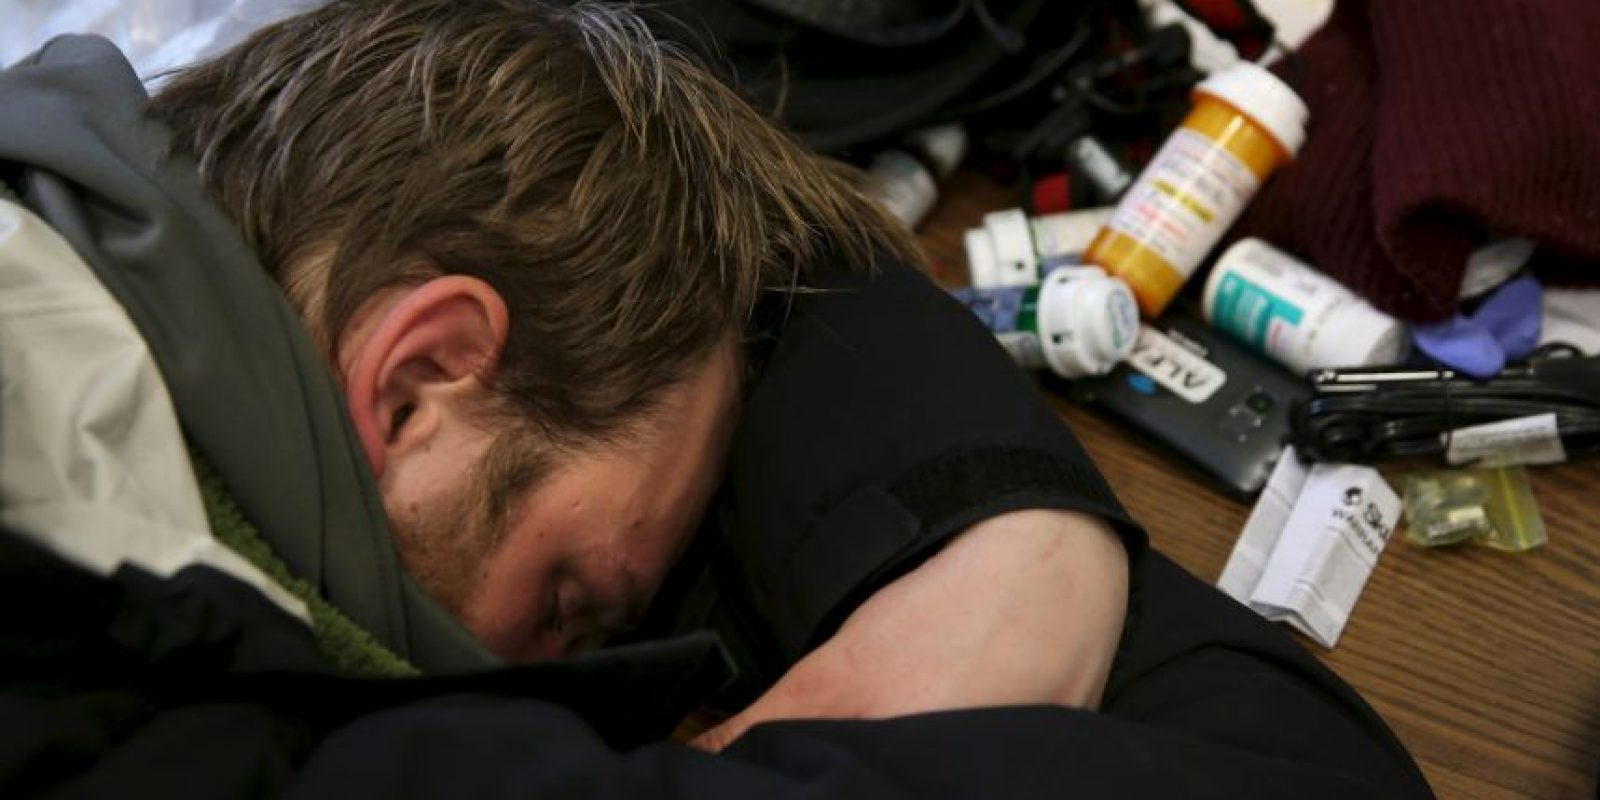 """Efectos a corto plazo: """"Rush"""" u oleada de euforia, depresión respiratoria, náusea y vómito Foto:Getty Images"""